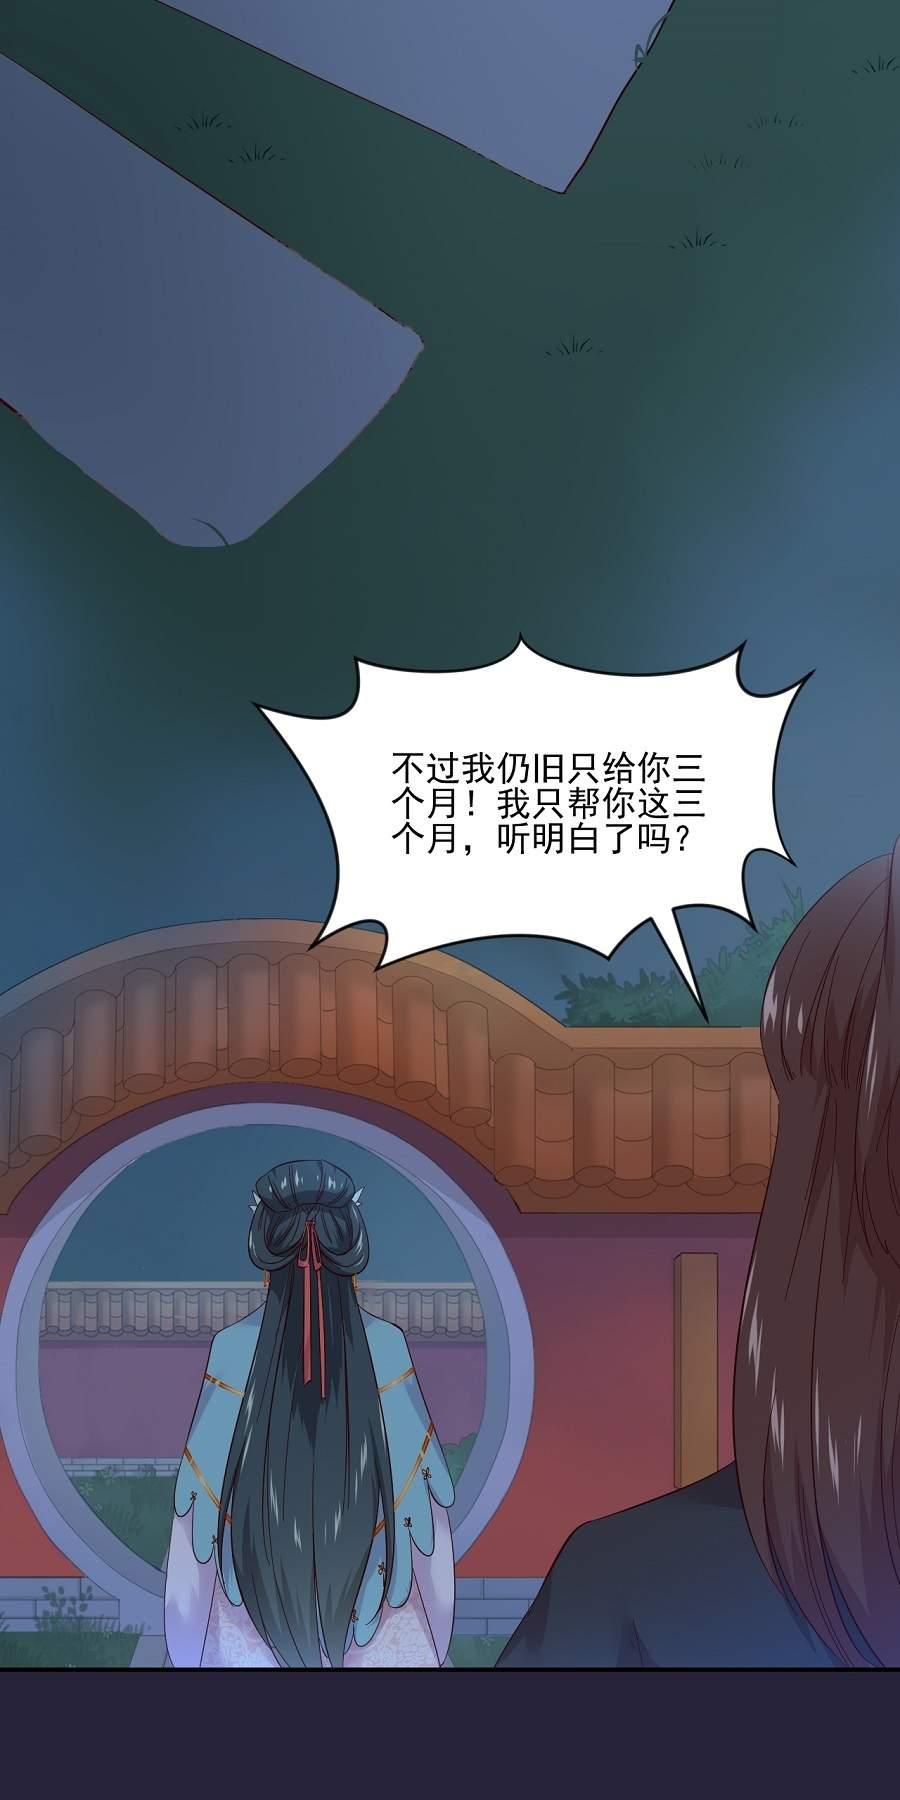 盛世帝王妃第67话  迟早是敌人 第 12